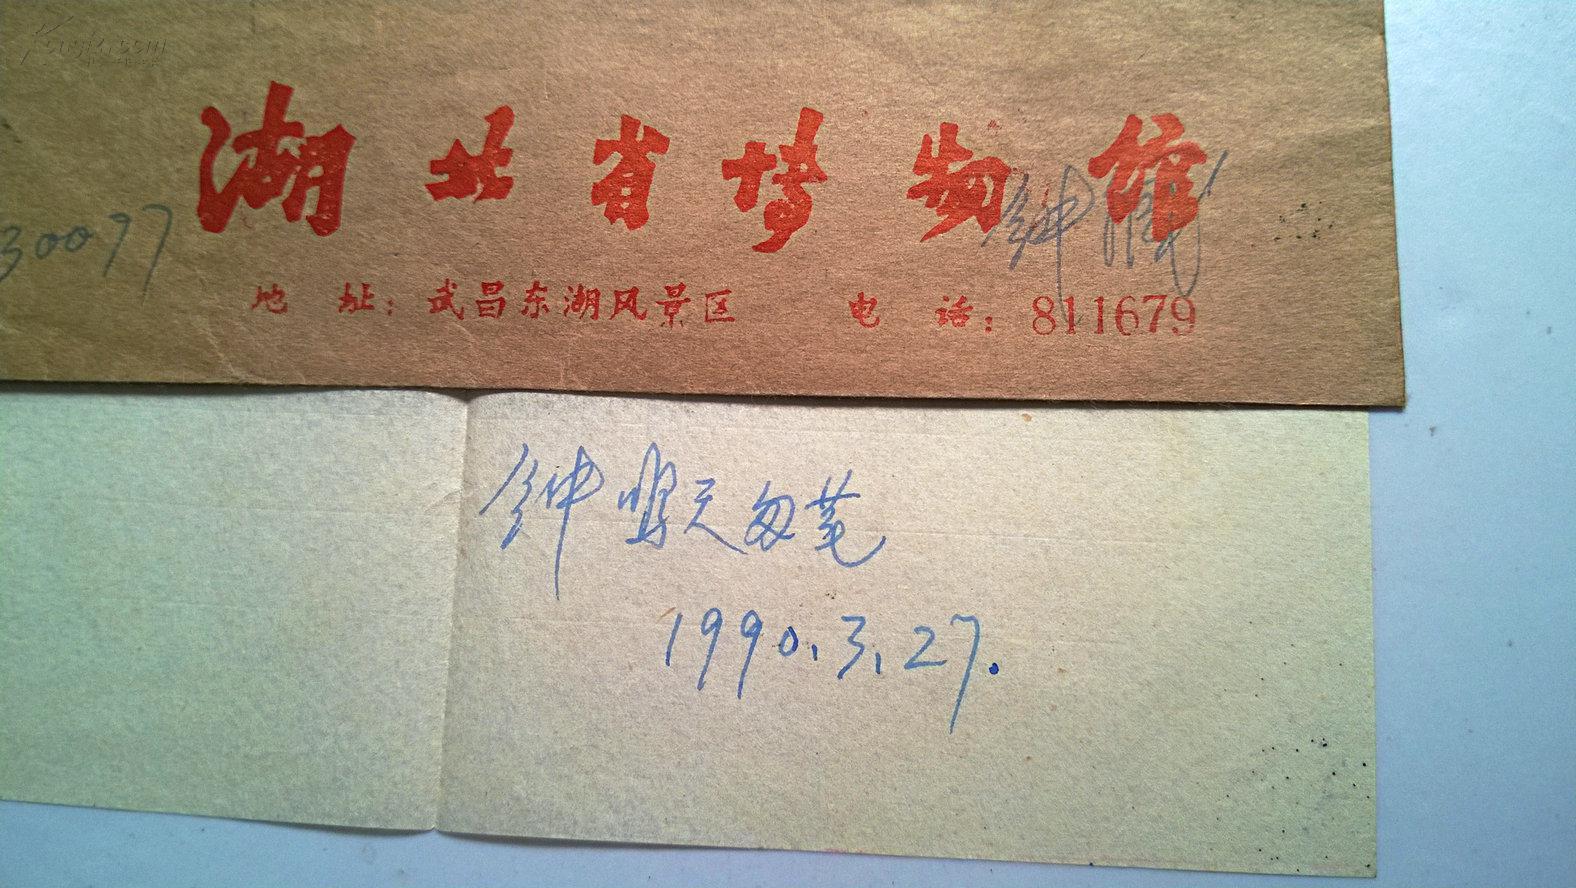 赵志刚先生上款信札之517 钟鸣天先生手札 当代著名书法家